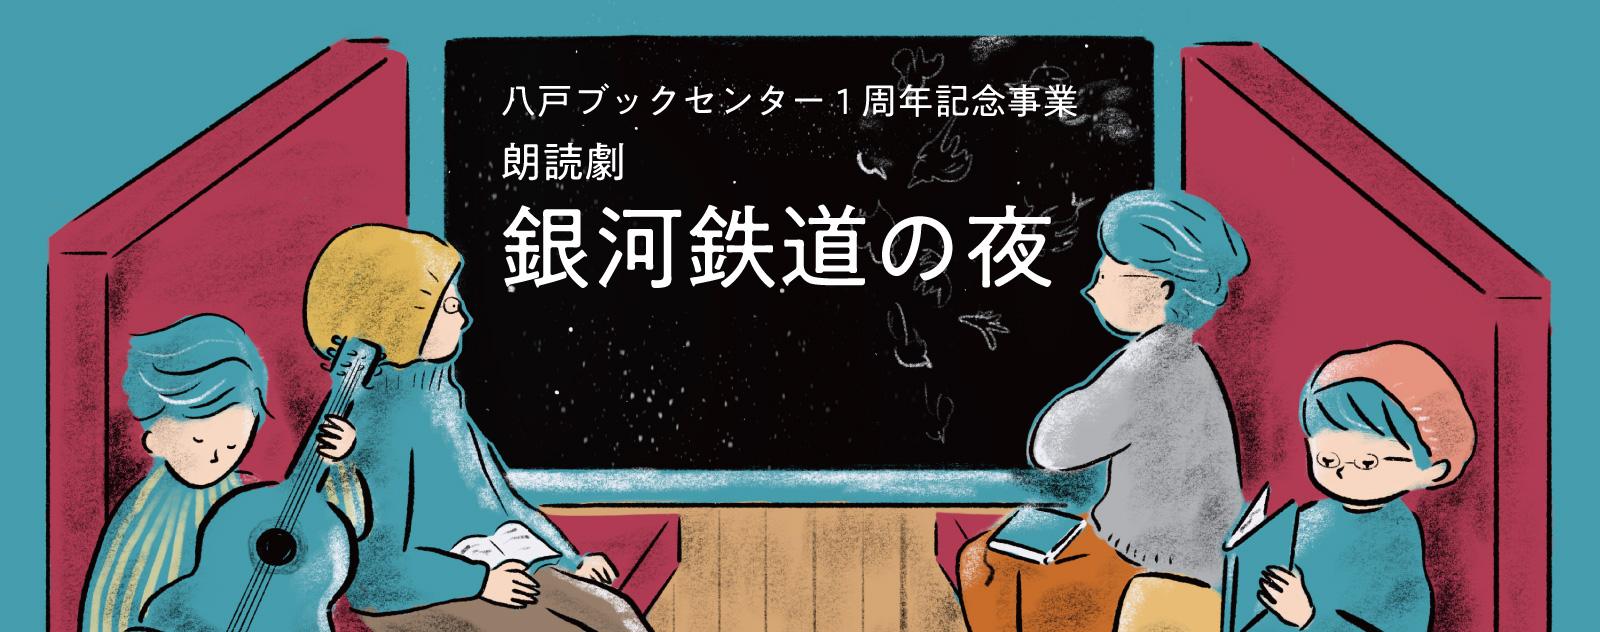 八戸ブックセンター1周年記念事業 朗読劇 銀河鉄道の夜